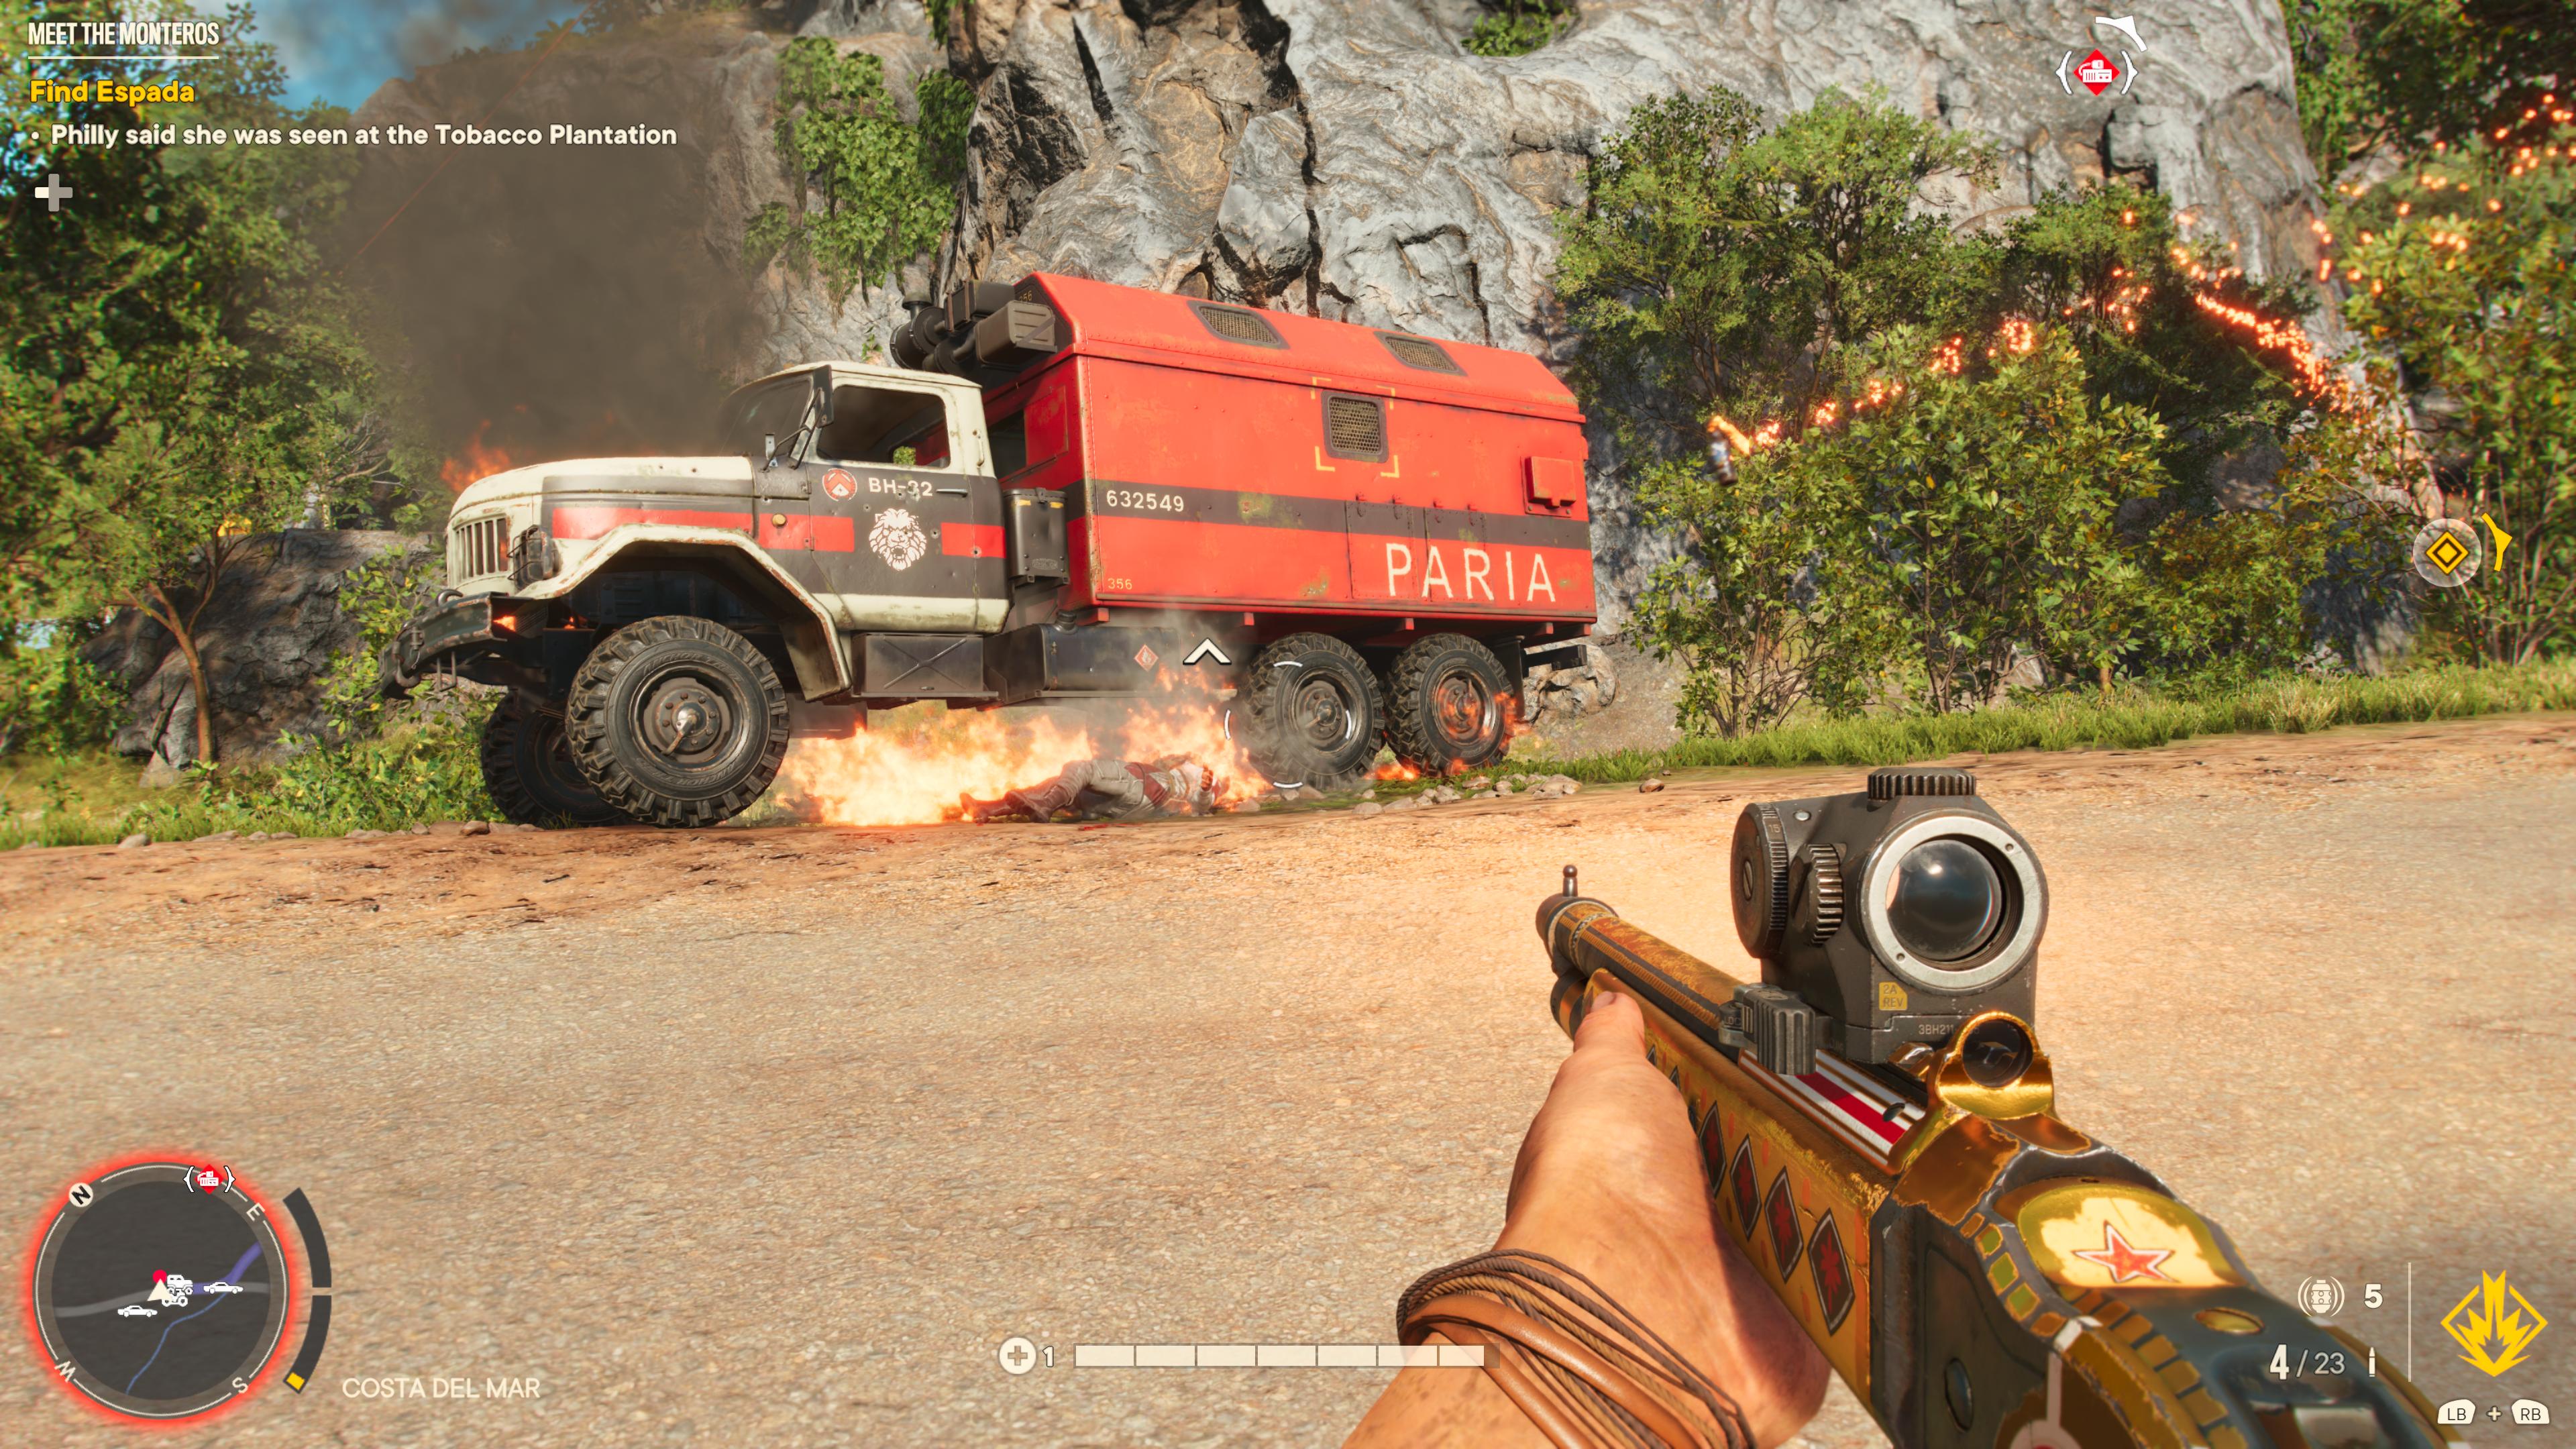 Les véhicules ennemis ont souvent un point faible, comme un réservoir d'essence qui vous permet de les éliminer rapidement